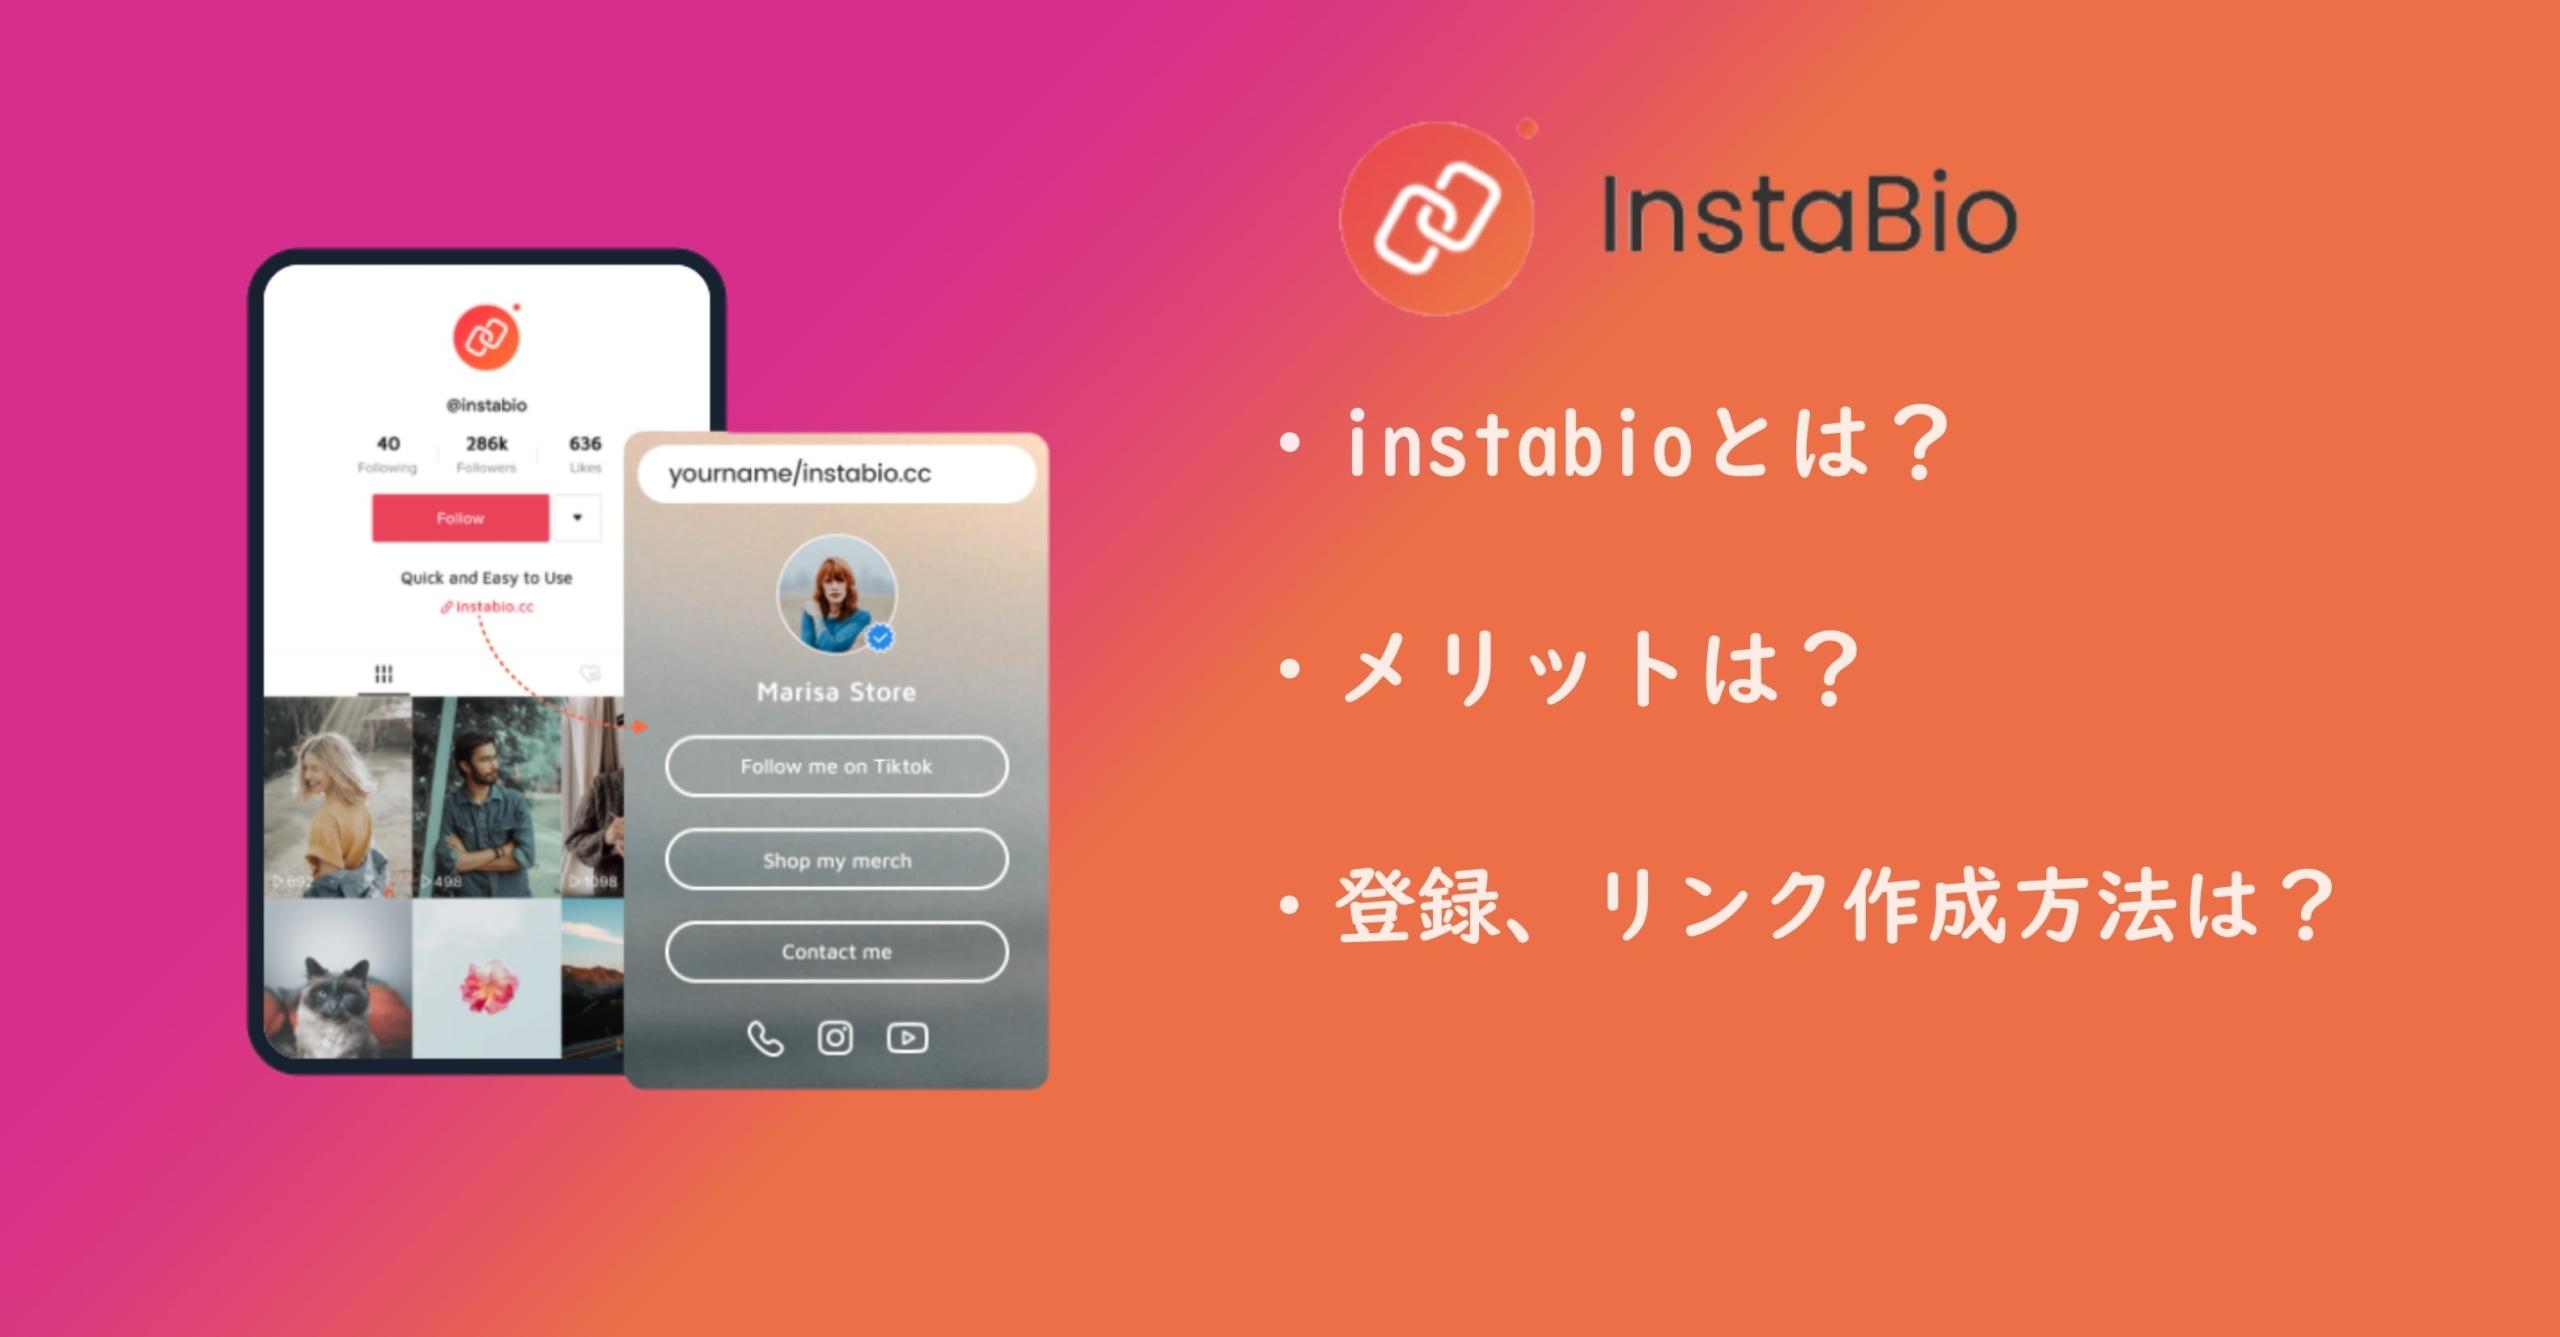 複数のリンクを1つにまとめる『instabio』とは?リンク作成方法も合わせて紹介!のアイキャッチ画像